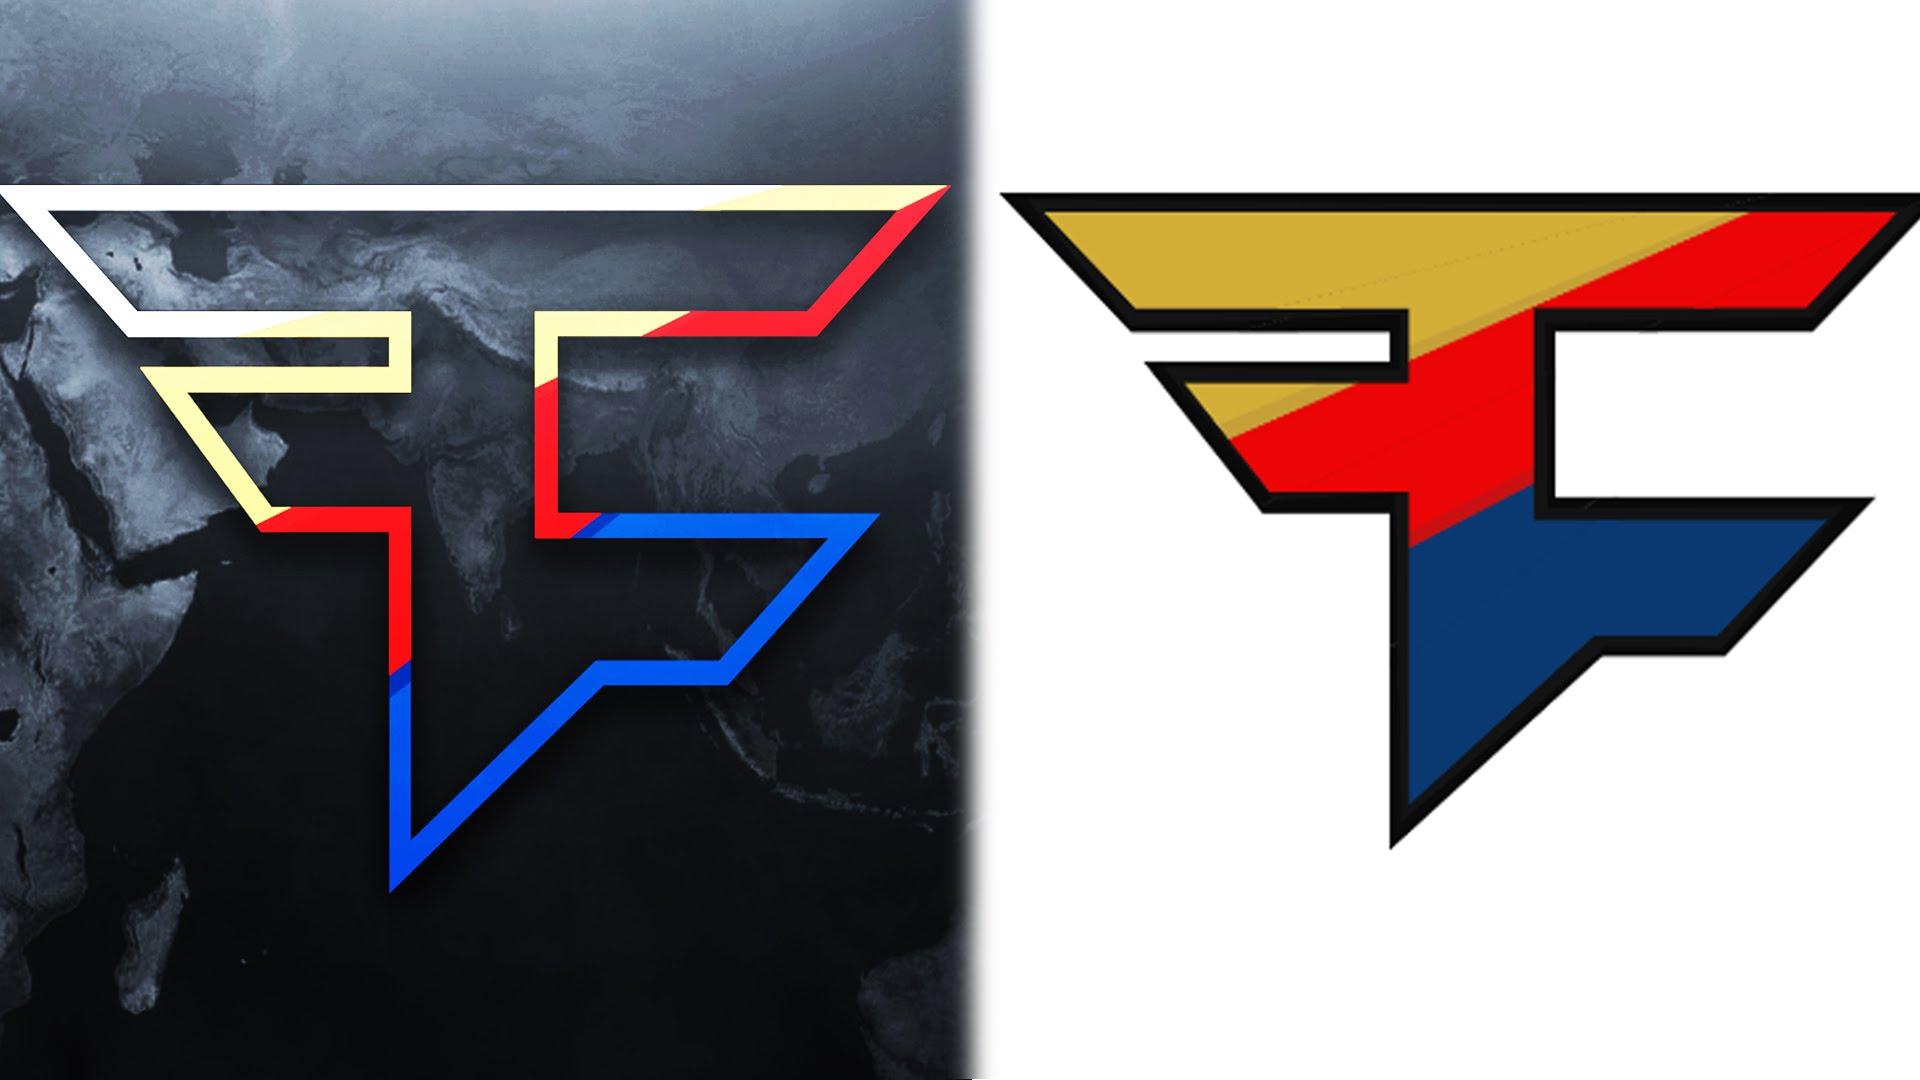 faze 2 0 logos